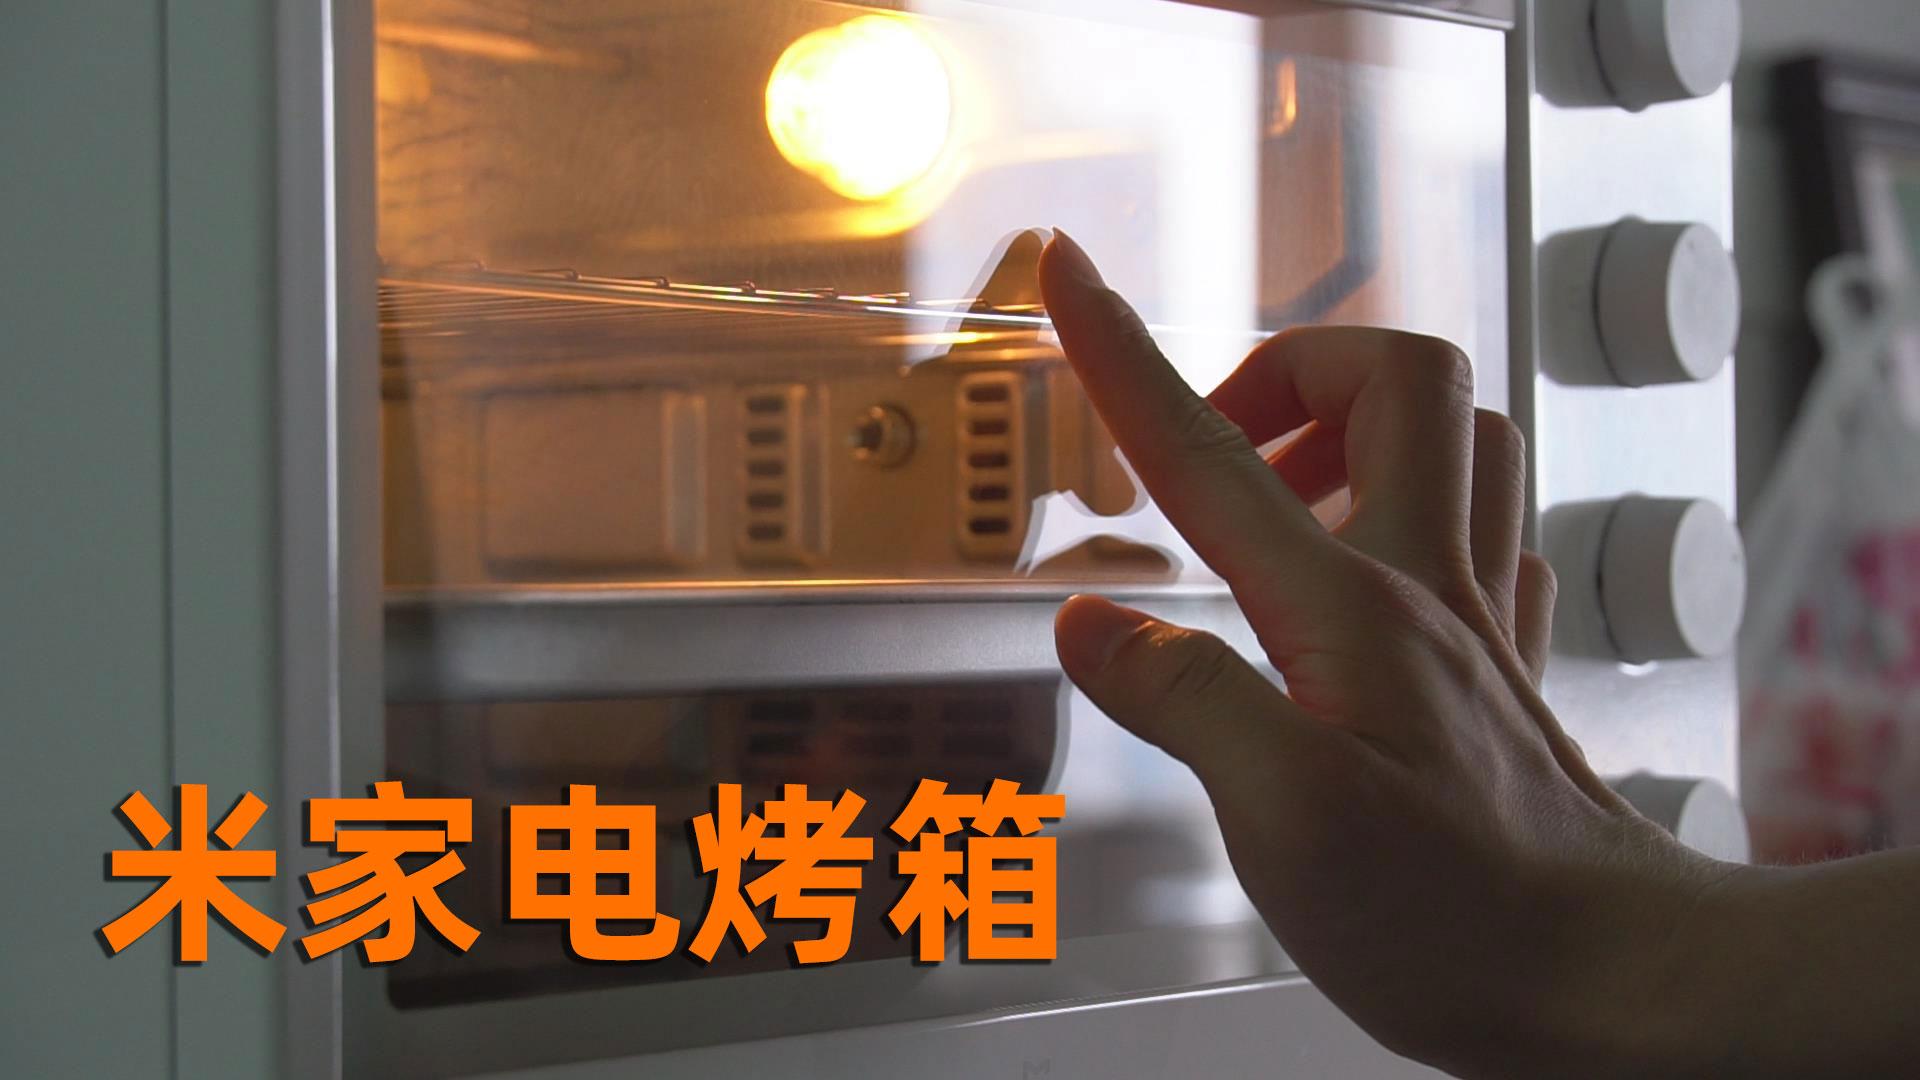 米家电烤箱体验:贵是不贵,门槛很高